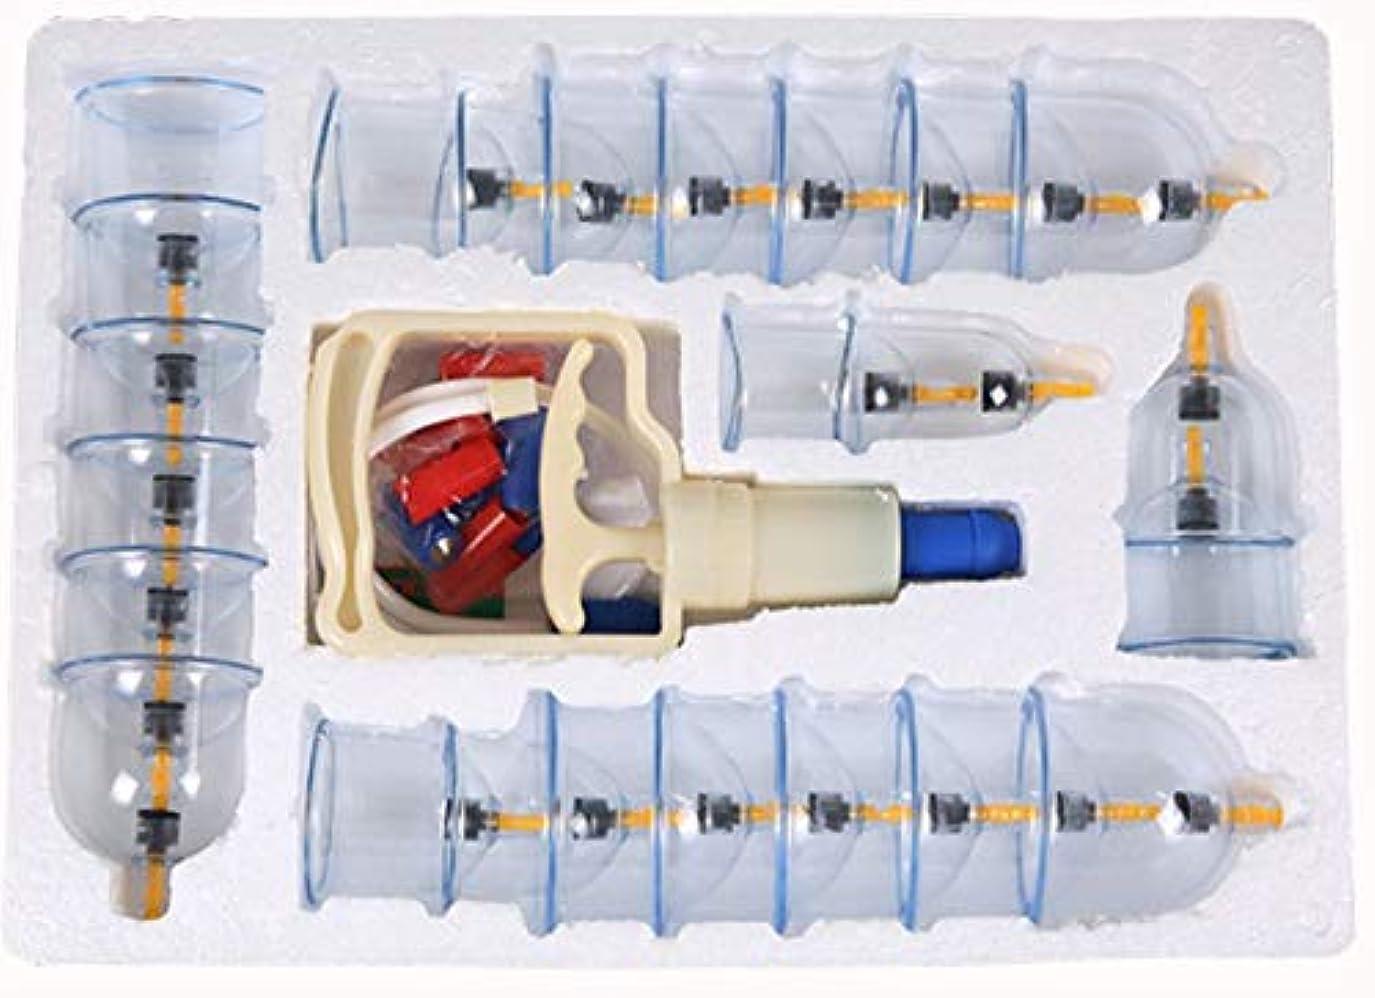 どれ漏斗解き明かす(ラフマトーン) カッピング 吸い玉 大きいカップが多い 吸い玉 5種 24個セット 磁針 12個 関節用カップ付 脂肪吸引 自宅エステ